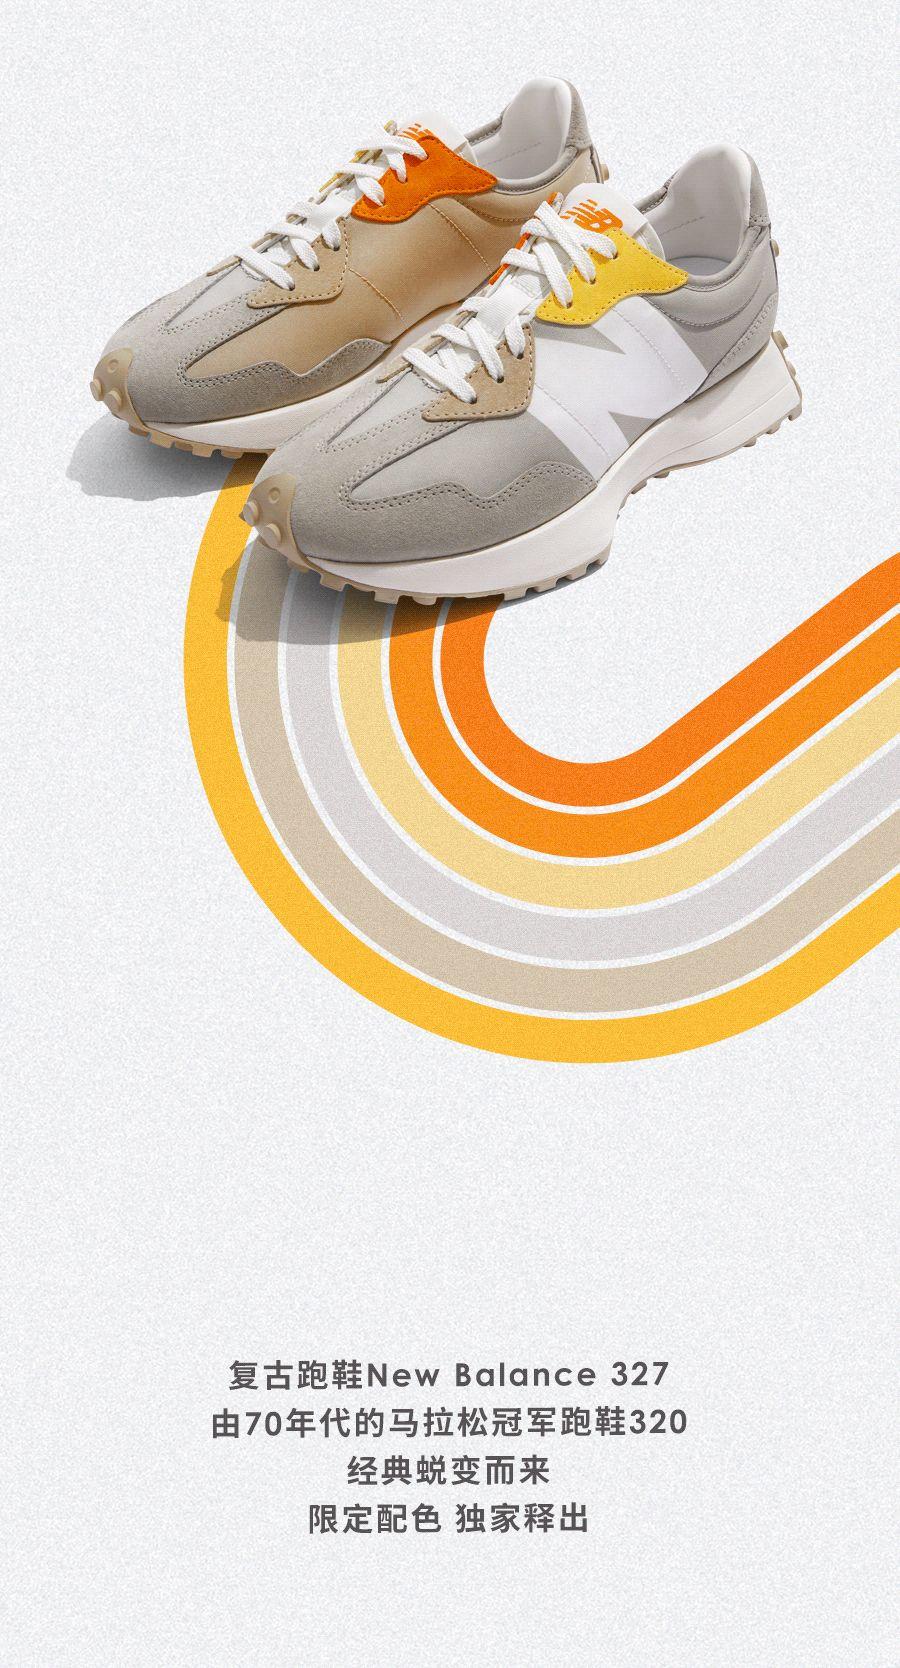 NB,New Balance 327,发售  小红书 x NB 327 迅速售罄!还有万元联名鞋王现已开启抽签!